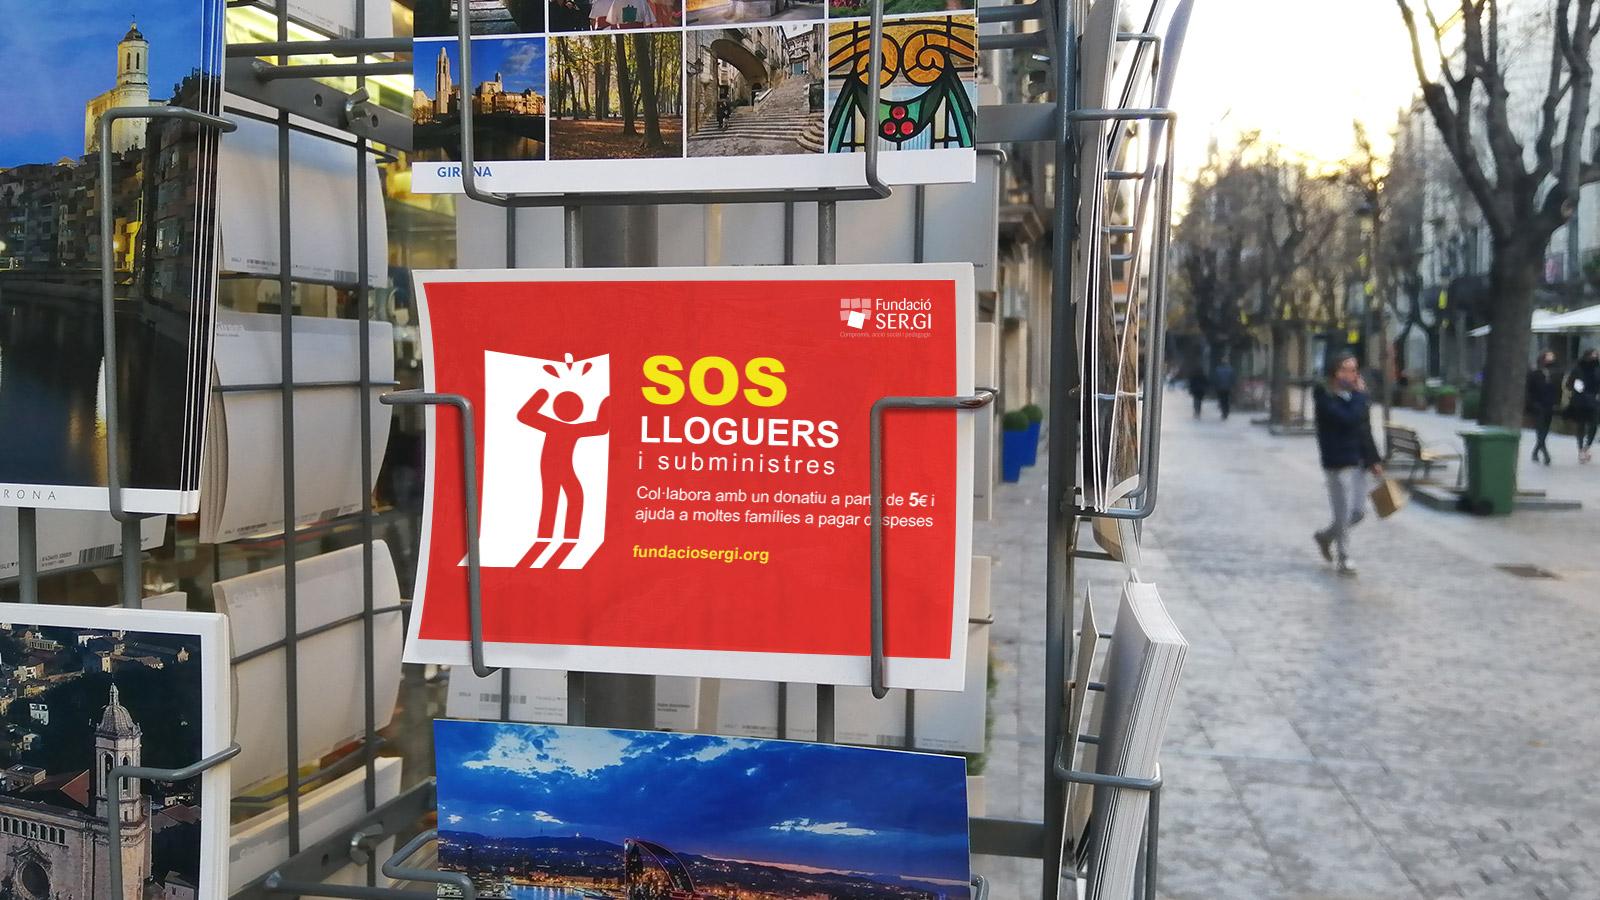 SOS Lloguers i subministres, imatge de campanya